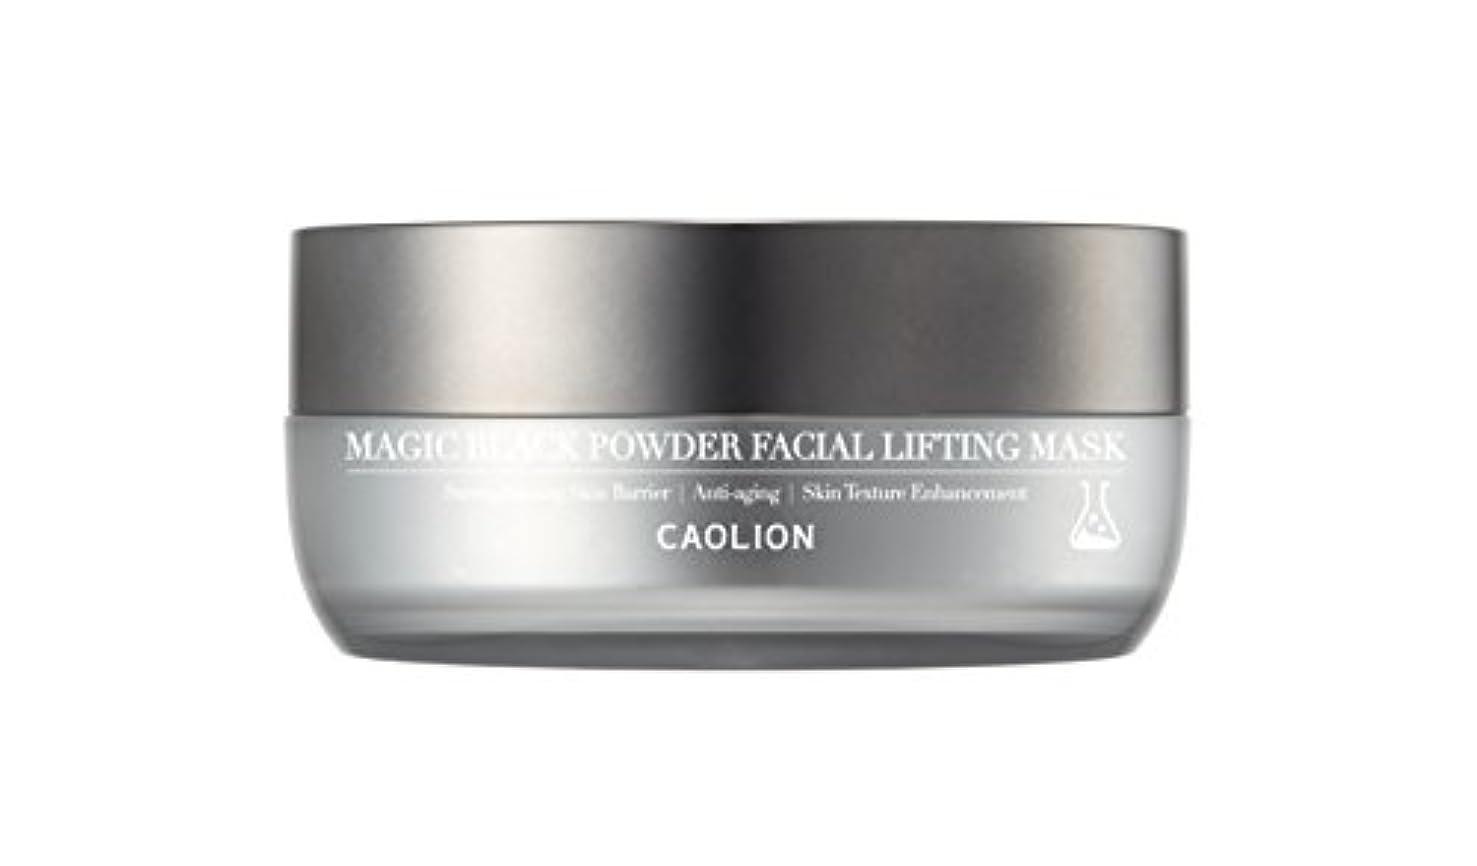 蒸気サポートモンスターCAOLION Magic Black Powder Facial Lifting Mask リフティングマスク [海外直送品] [並行輸入品]